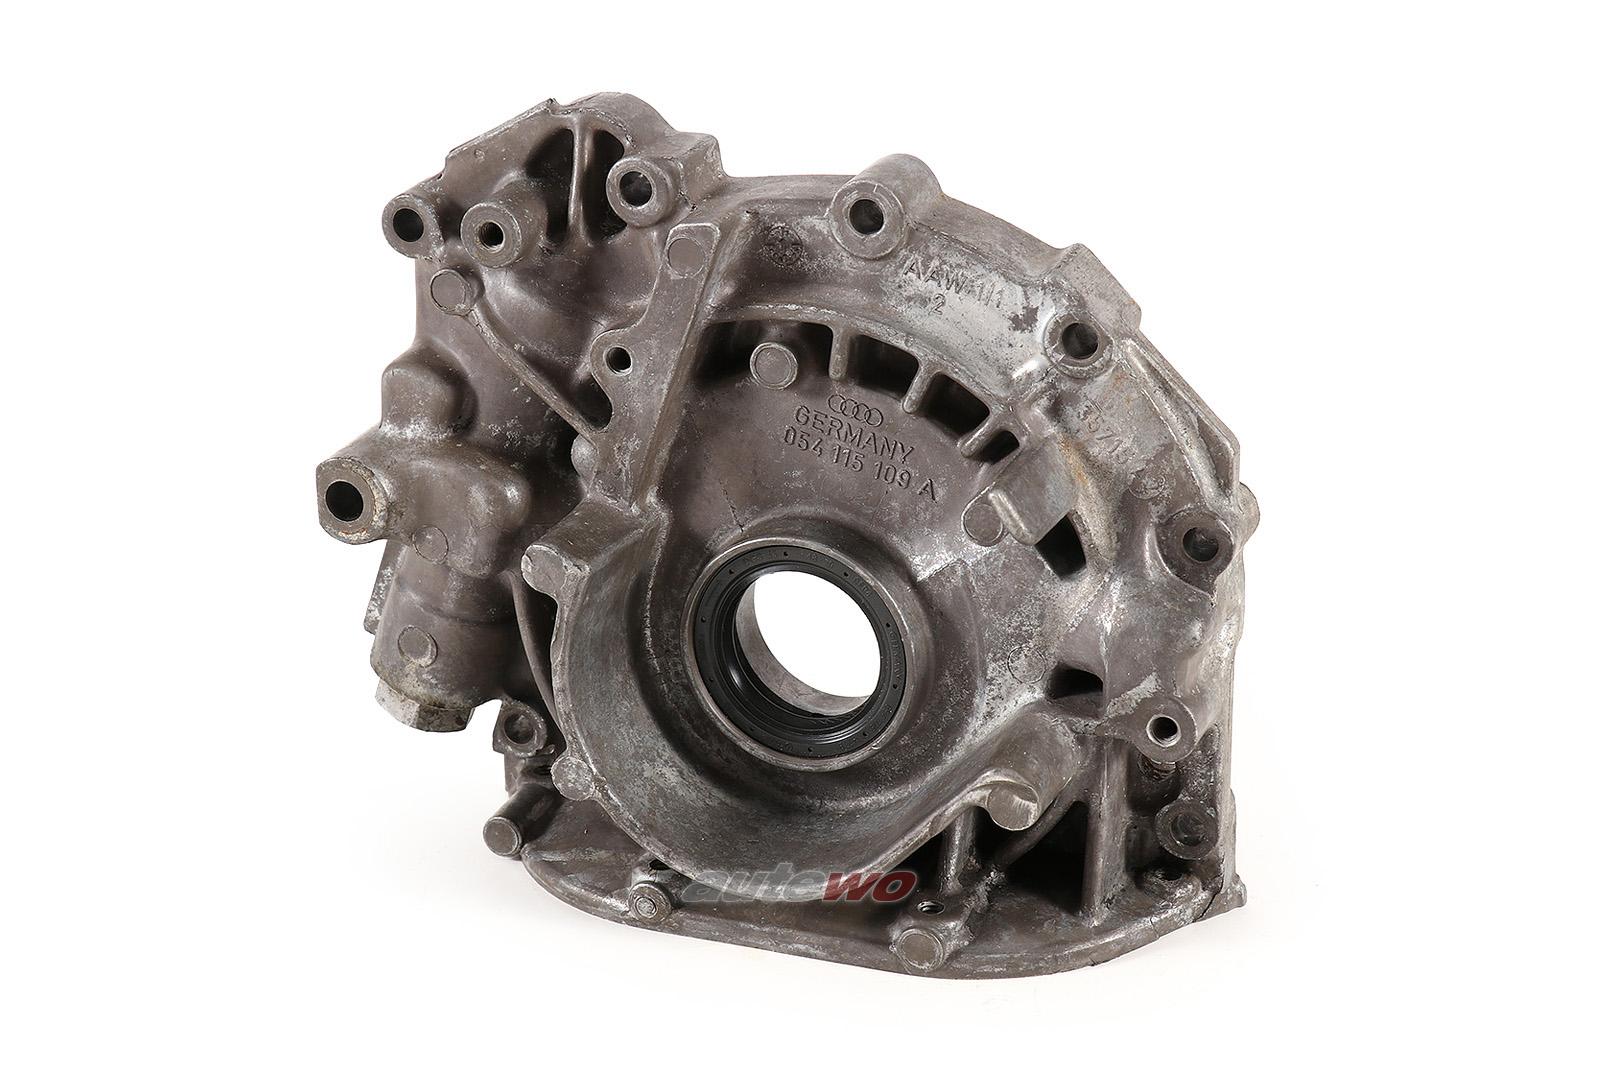 054115105E 054115109A Audi S2/S4/S6 C4/RS2/80 B4/100/A6 C4 5 Zylinder Ölpumpe